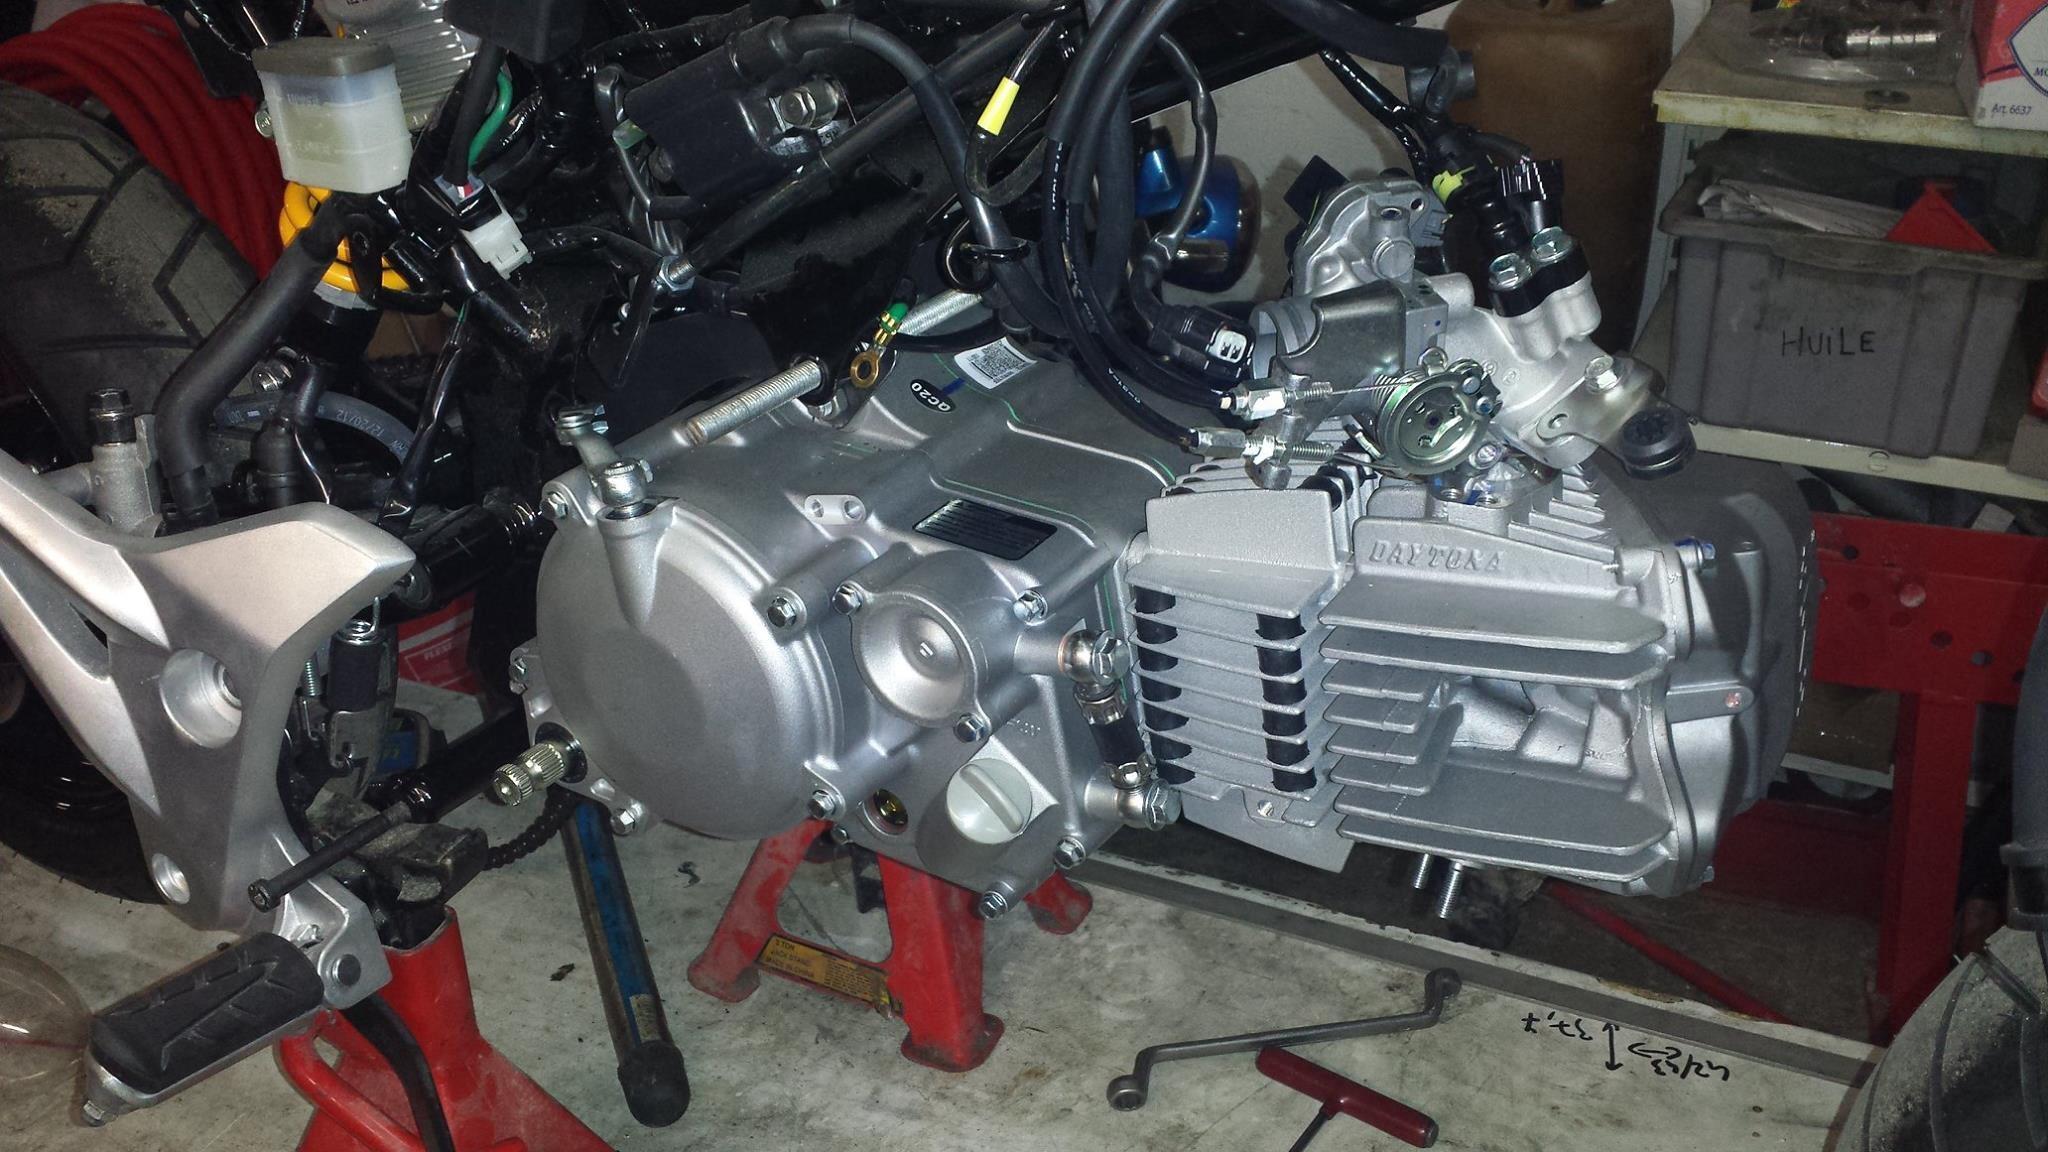 2015 Honda Grom >> Grom Daytona 190 4v anima engine swap mounts